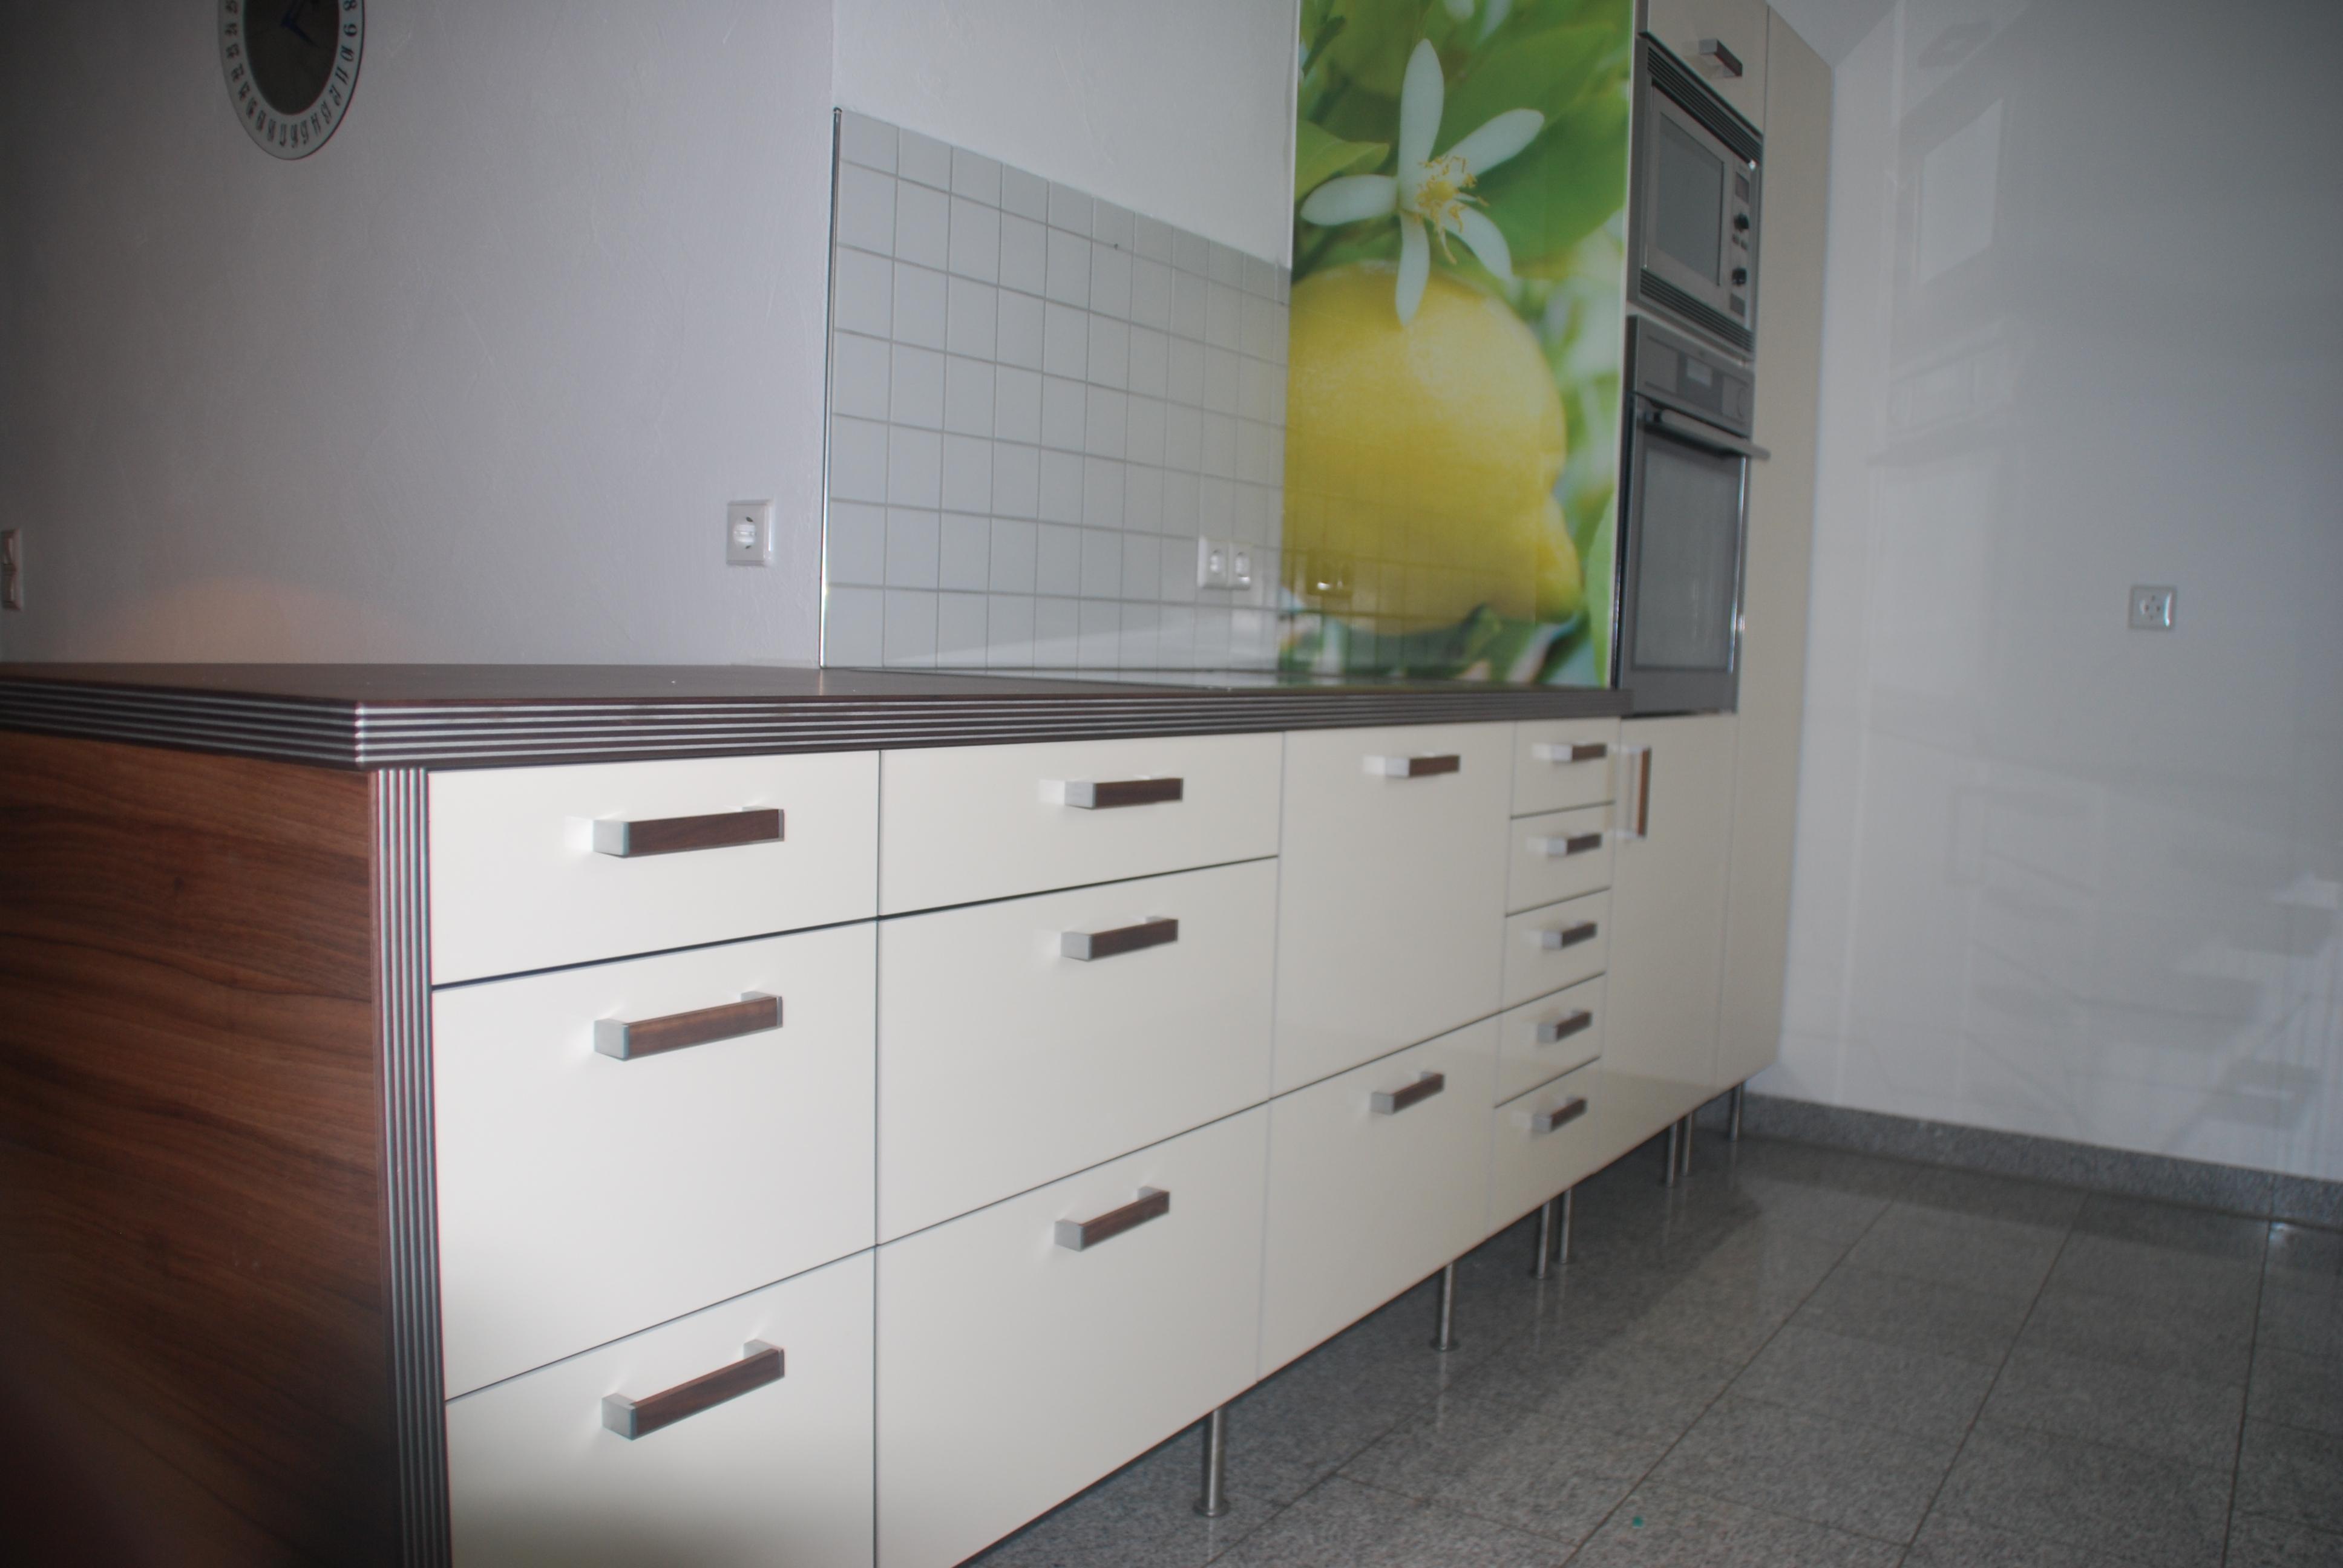 Neue Kchenfronten in Hochglanz auf IKEA Kche  Kchenfront 24